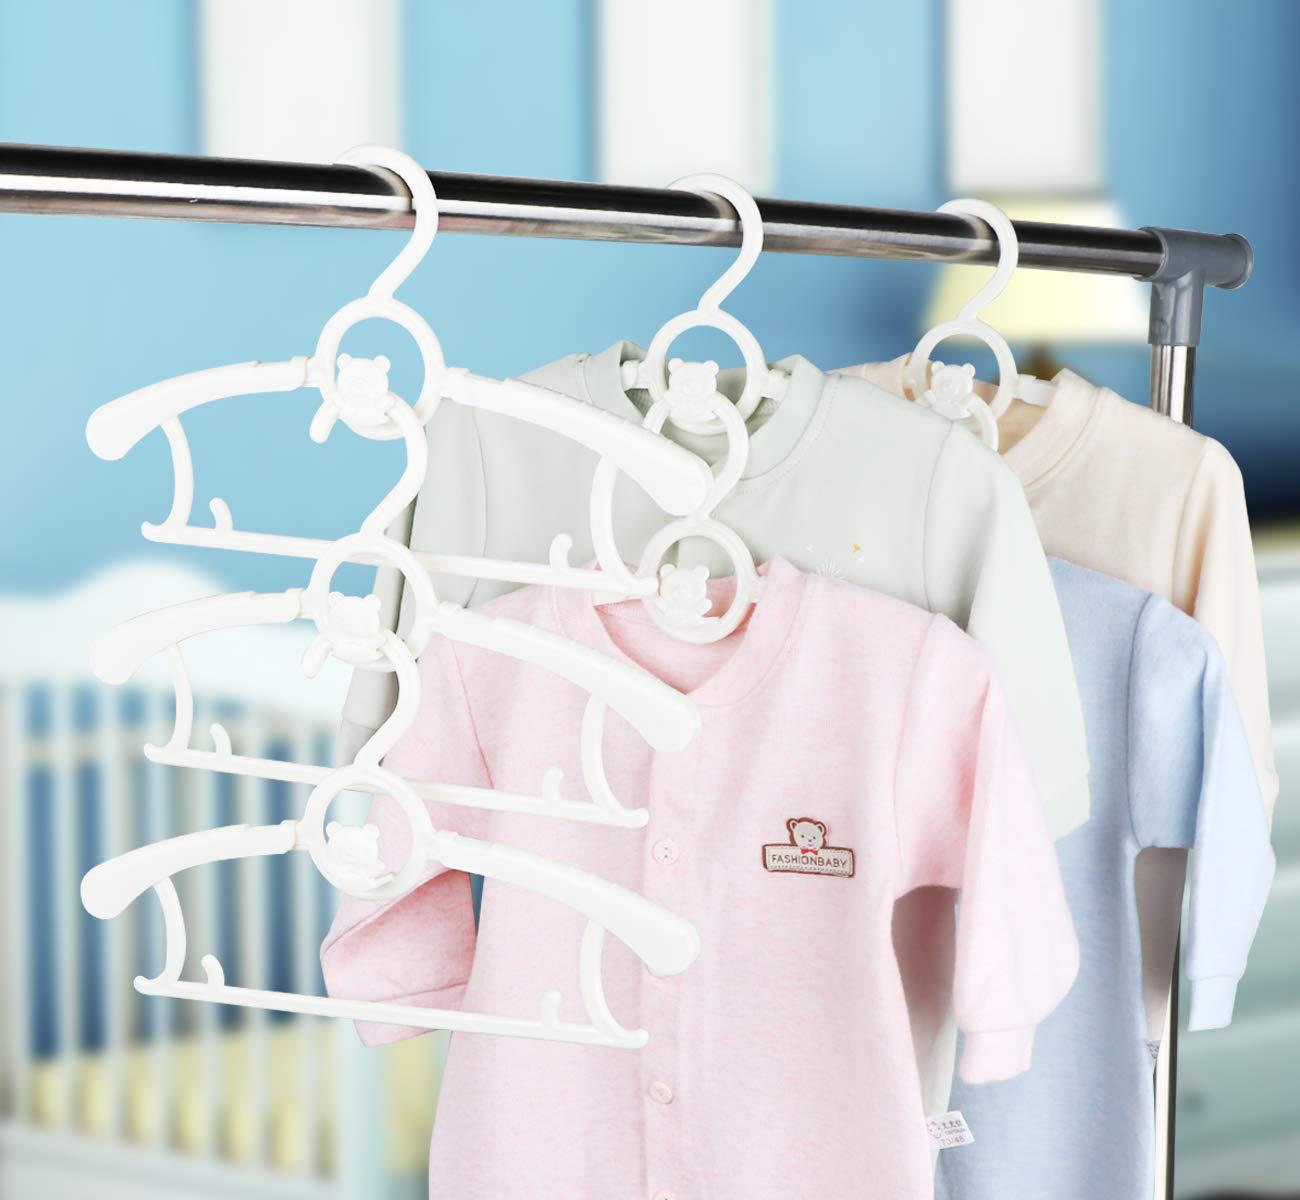 Wei/ß Anstore 20 St/ück Mitwachsende Kinderkleiderb/ügel Platzsparend mit Stapelbaren B/ärchen-Haken Rutschfeste Kleiderb/ügel f/ür Babys und Kleinkinder